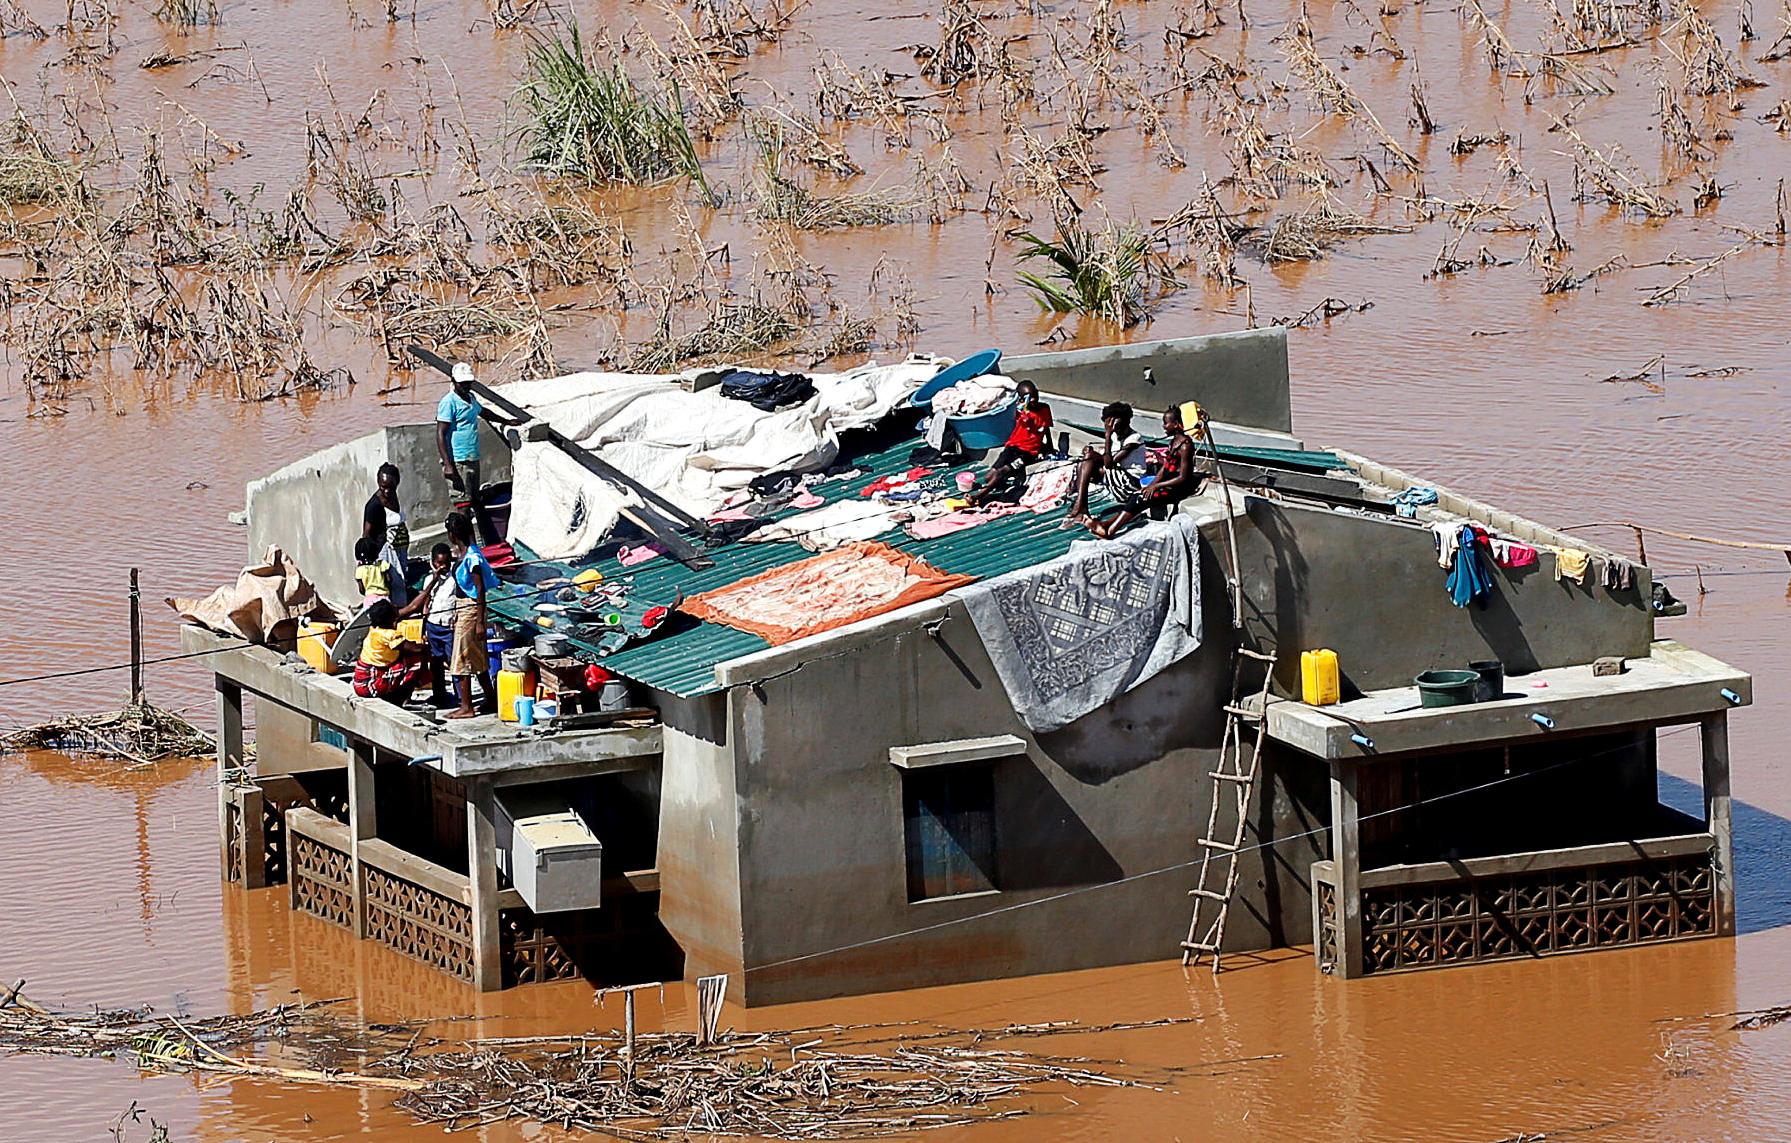 Número de mortos em Moçambique sobe para 242, diz governo